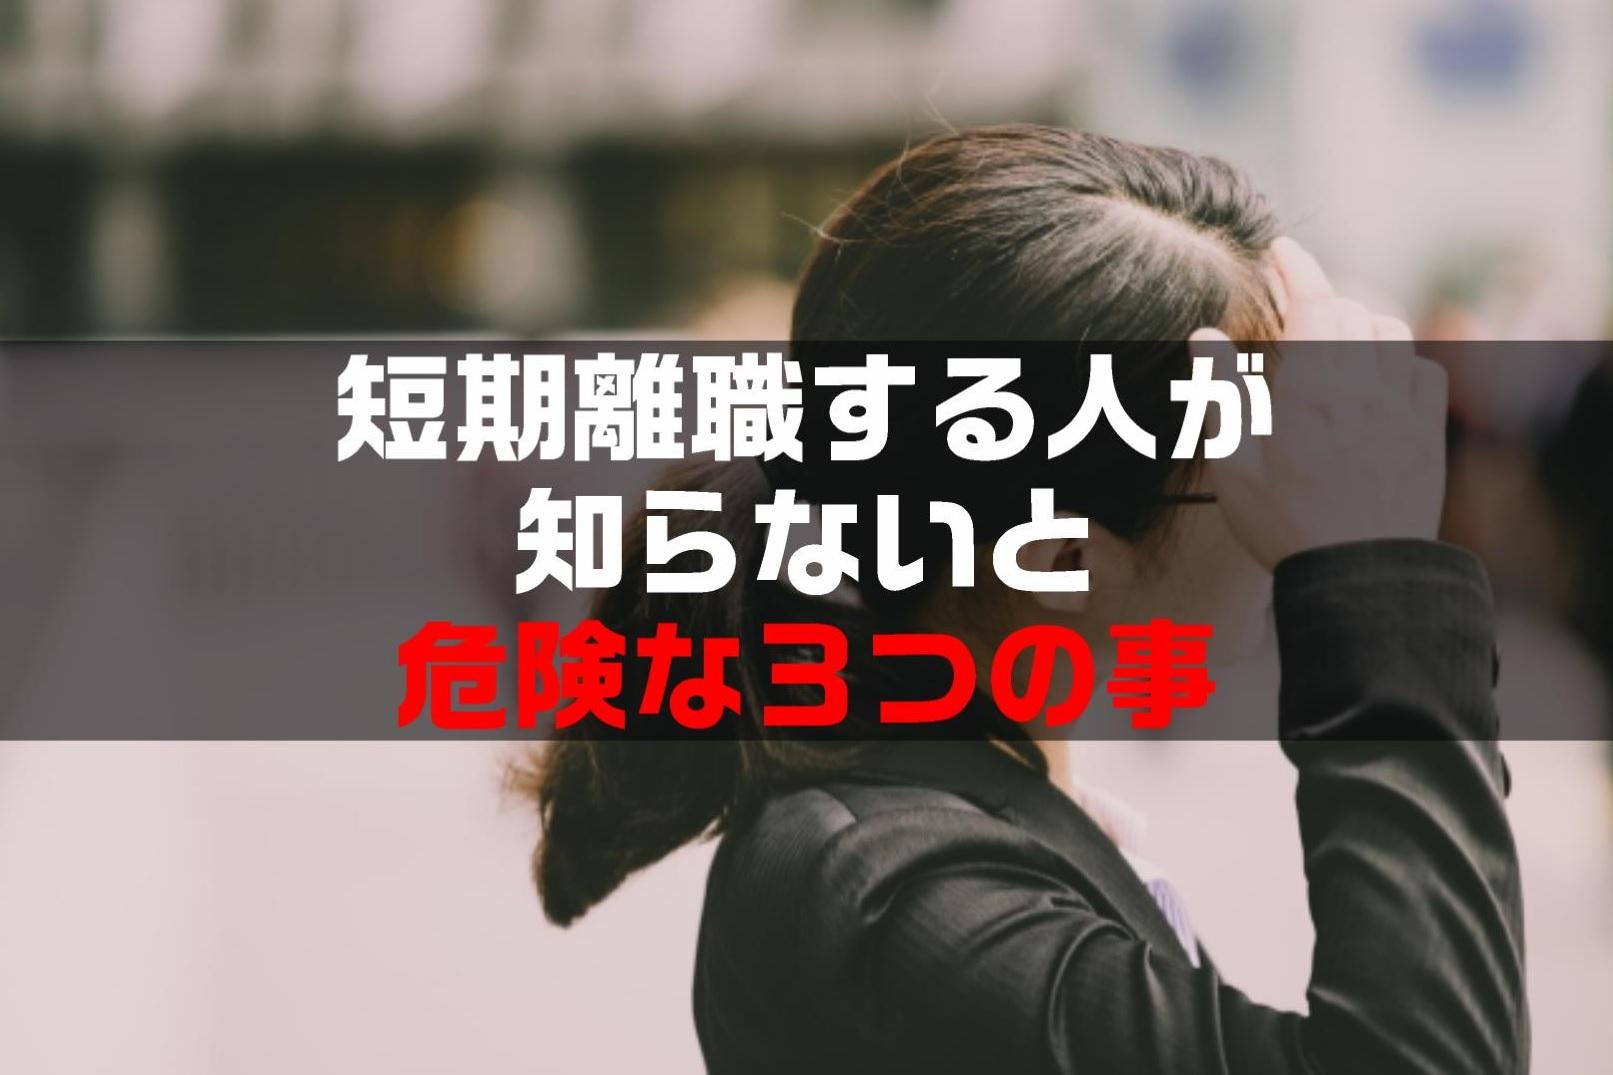 【保存版】短期離職で転職する人が知らないと危険な事3選